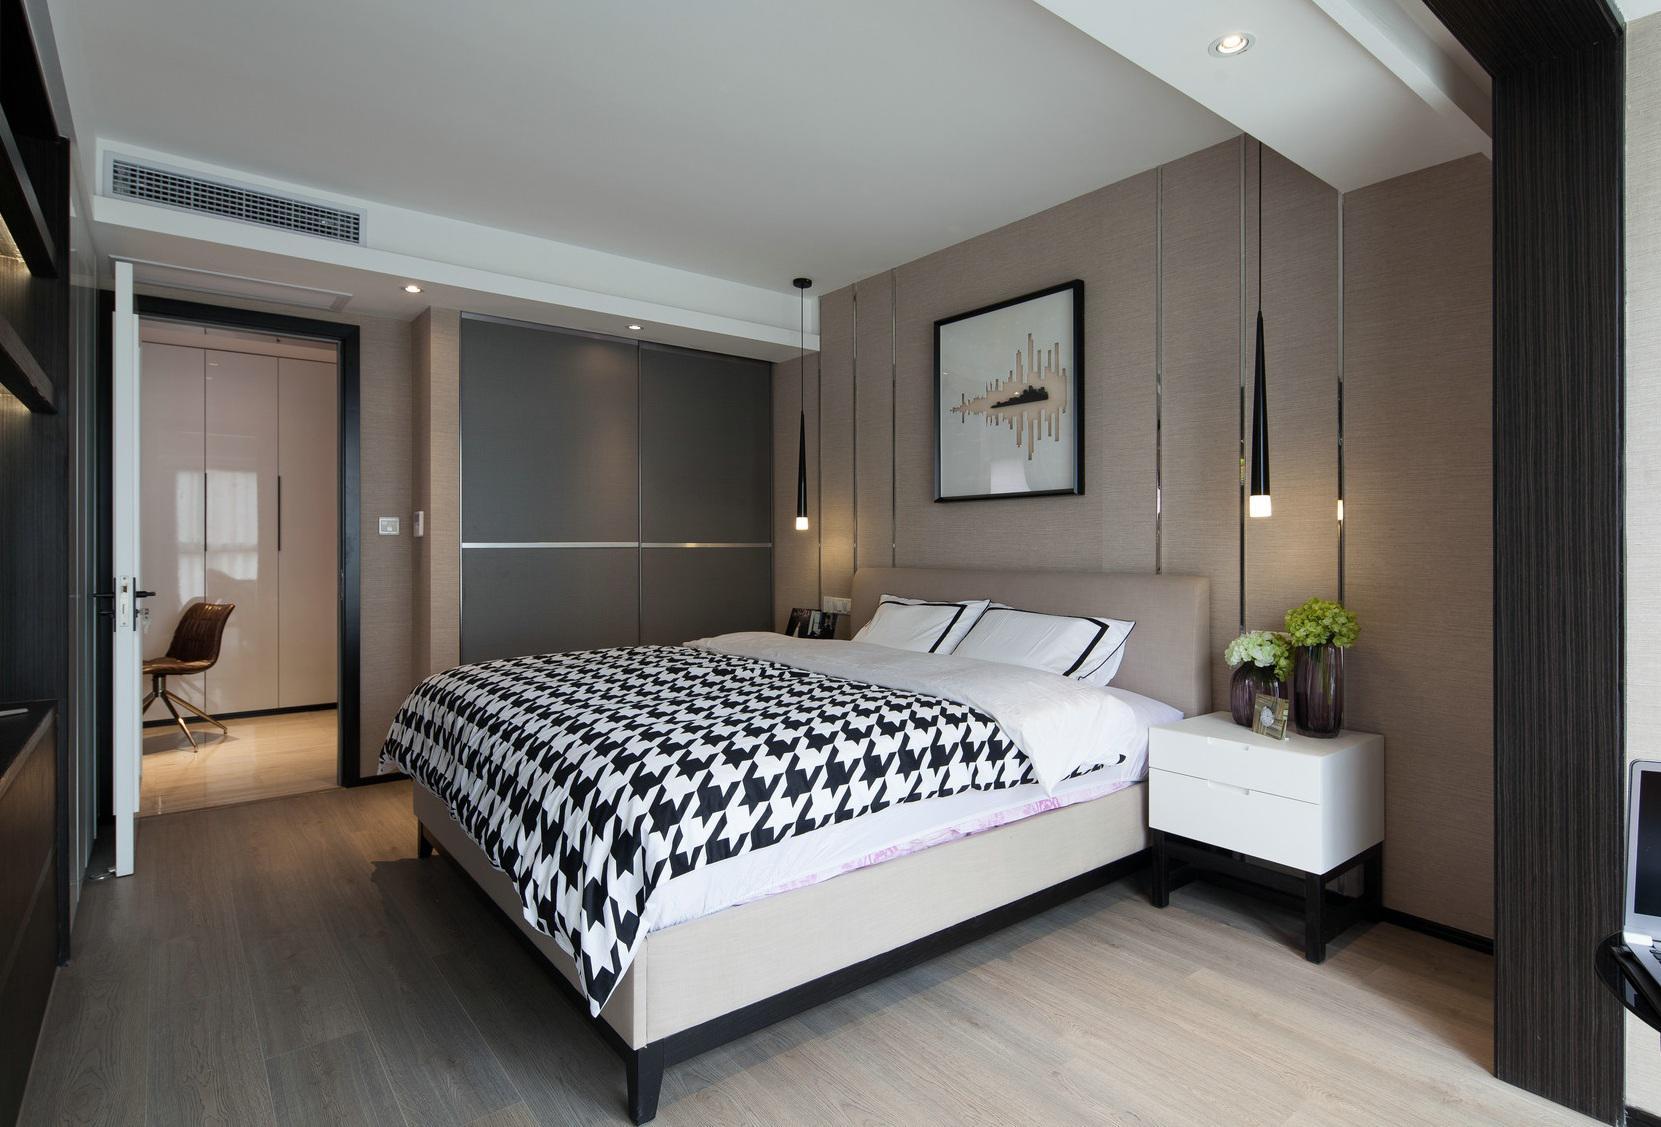 最新现代风格家装卧室装修效果图